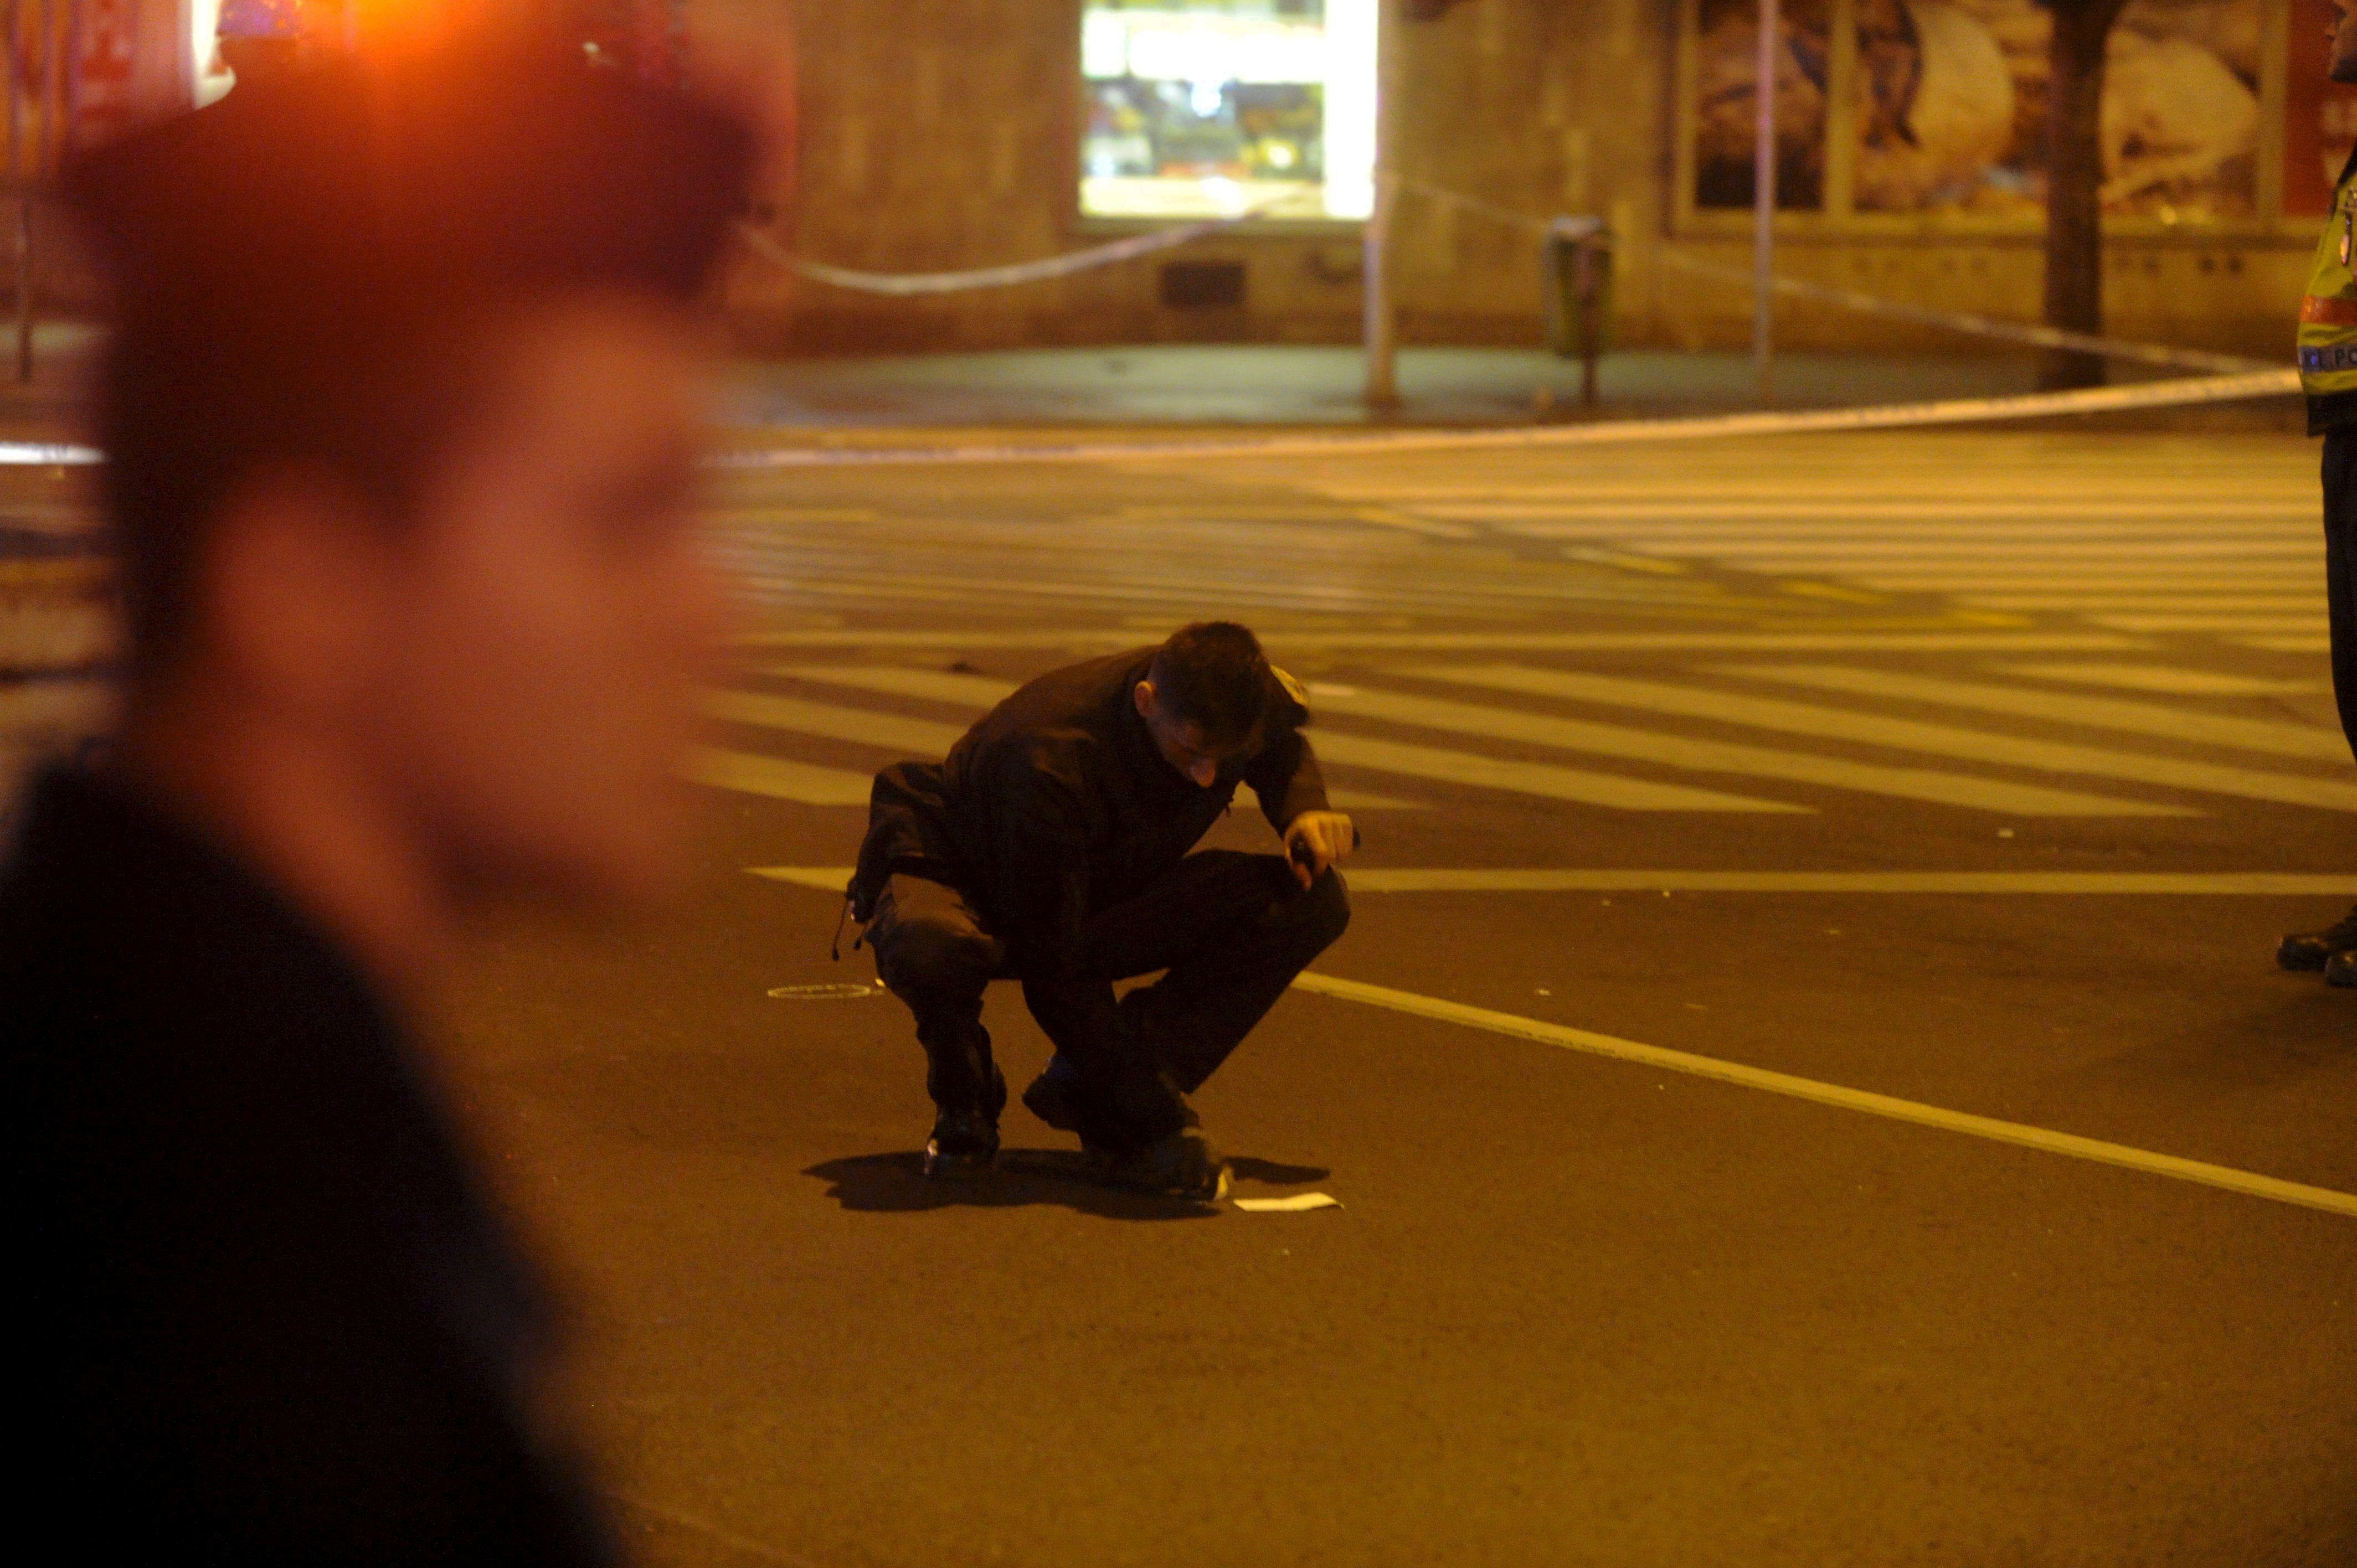 Emberölés kísérletének a gyanújával nyomoz a rendőrség a Teréz körúti robbanás miatt